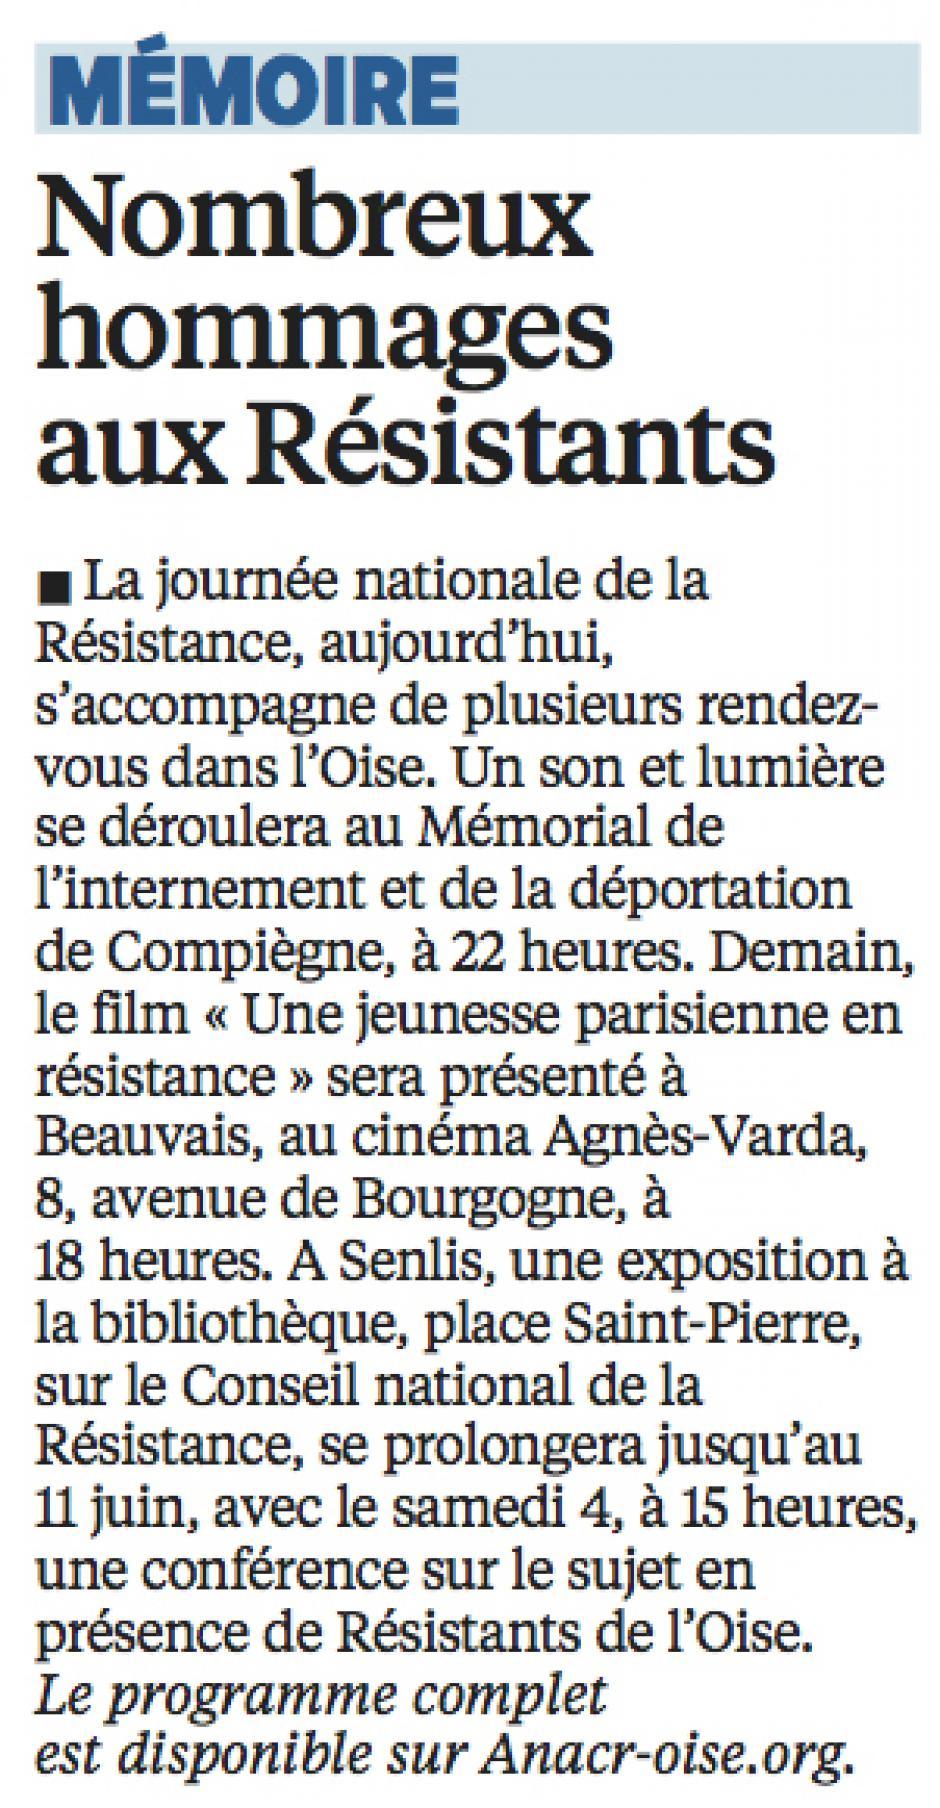 20160527-LeP-Oise-Nombreux hommages aux Résistants